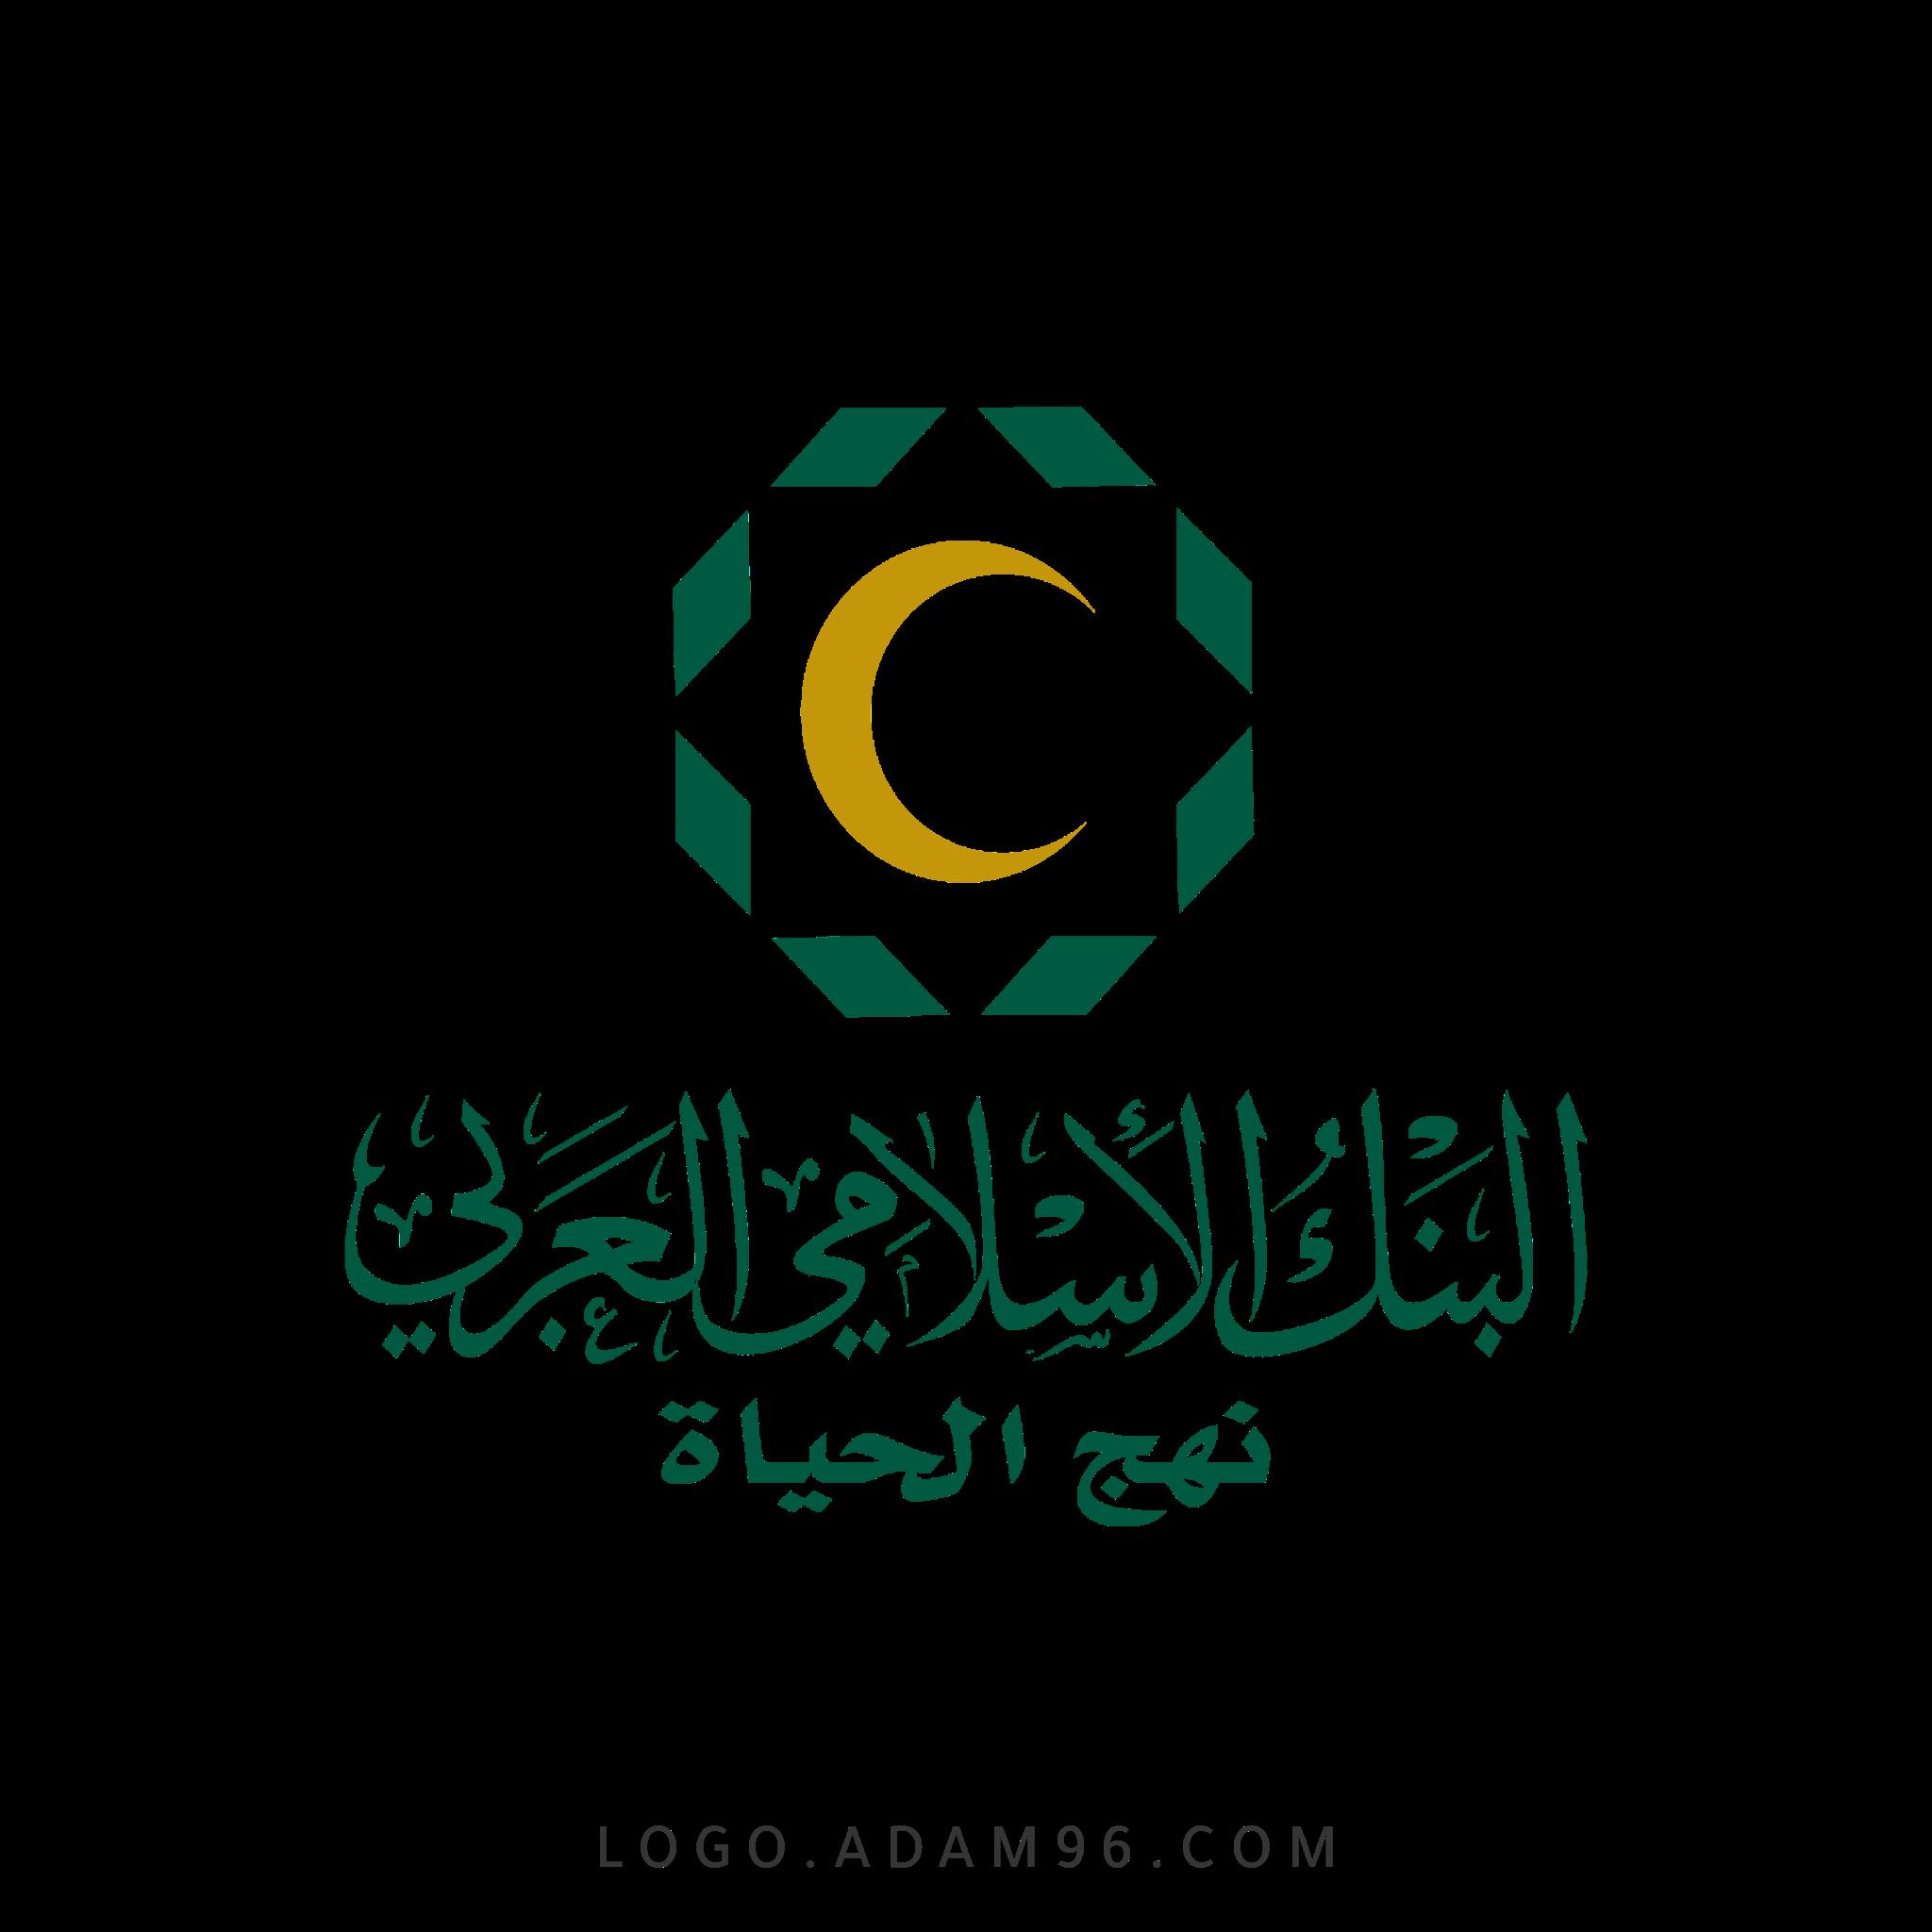 تحميل شعار البنك الاسلامي العربي - فلسطين لوجو رسمي PNG